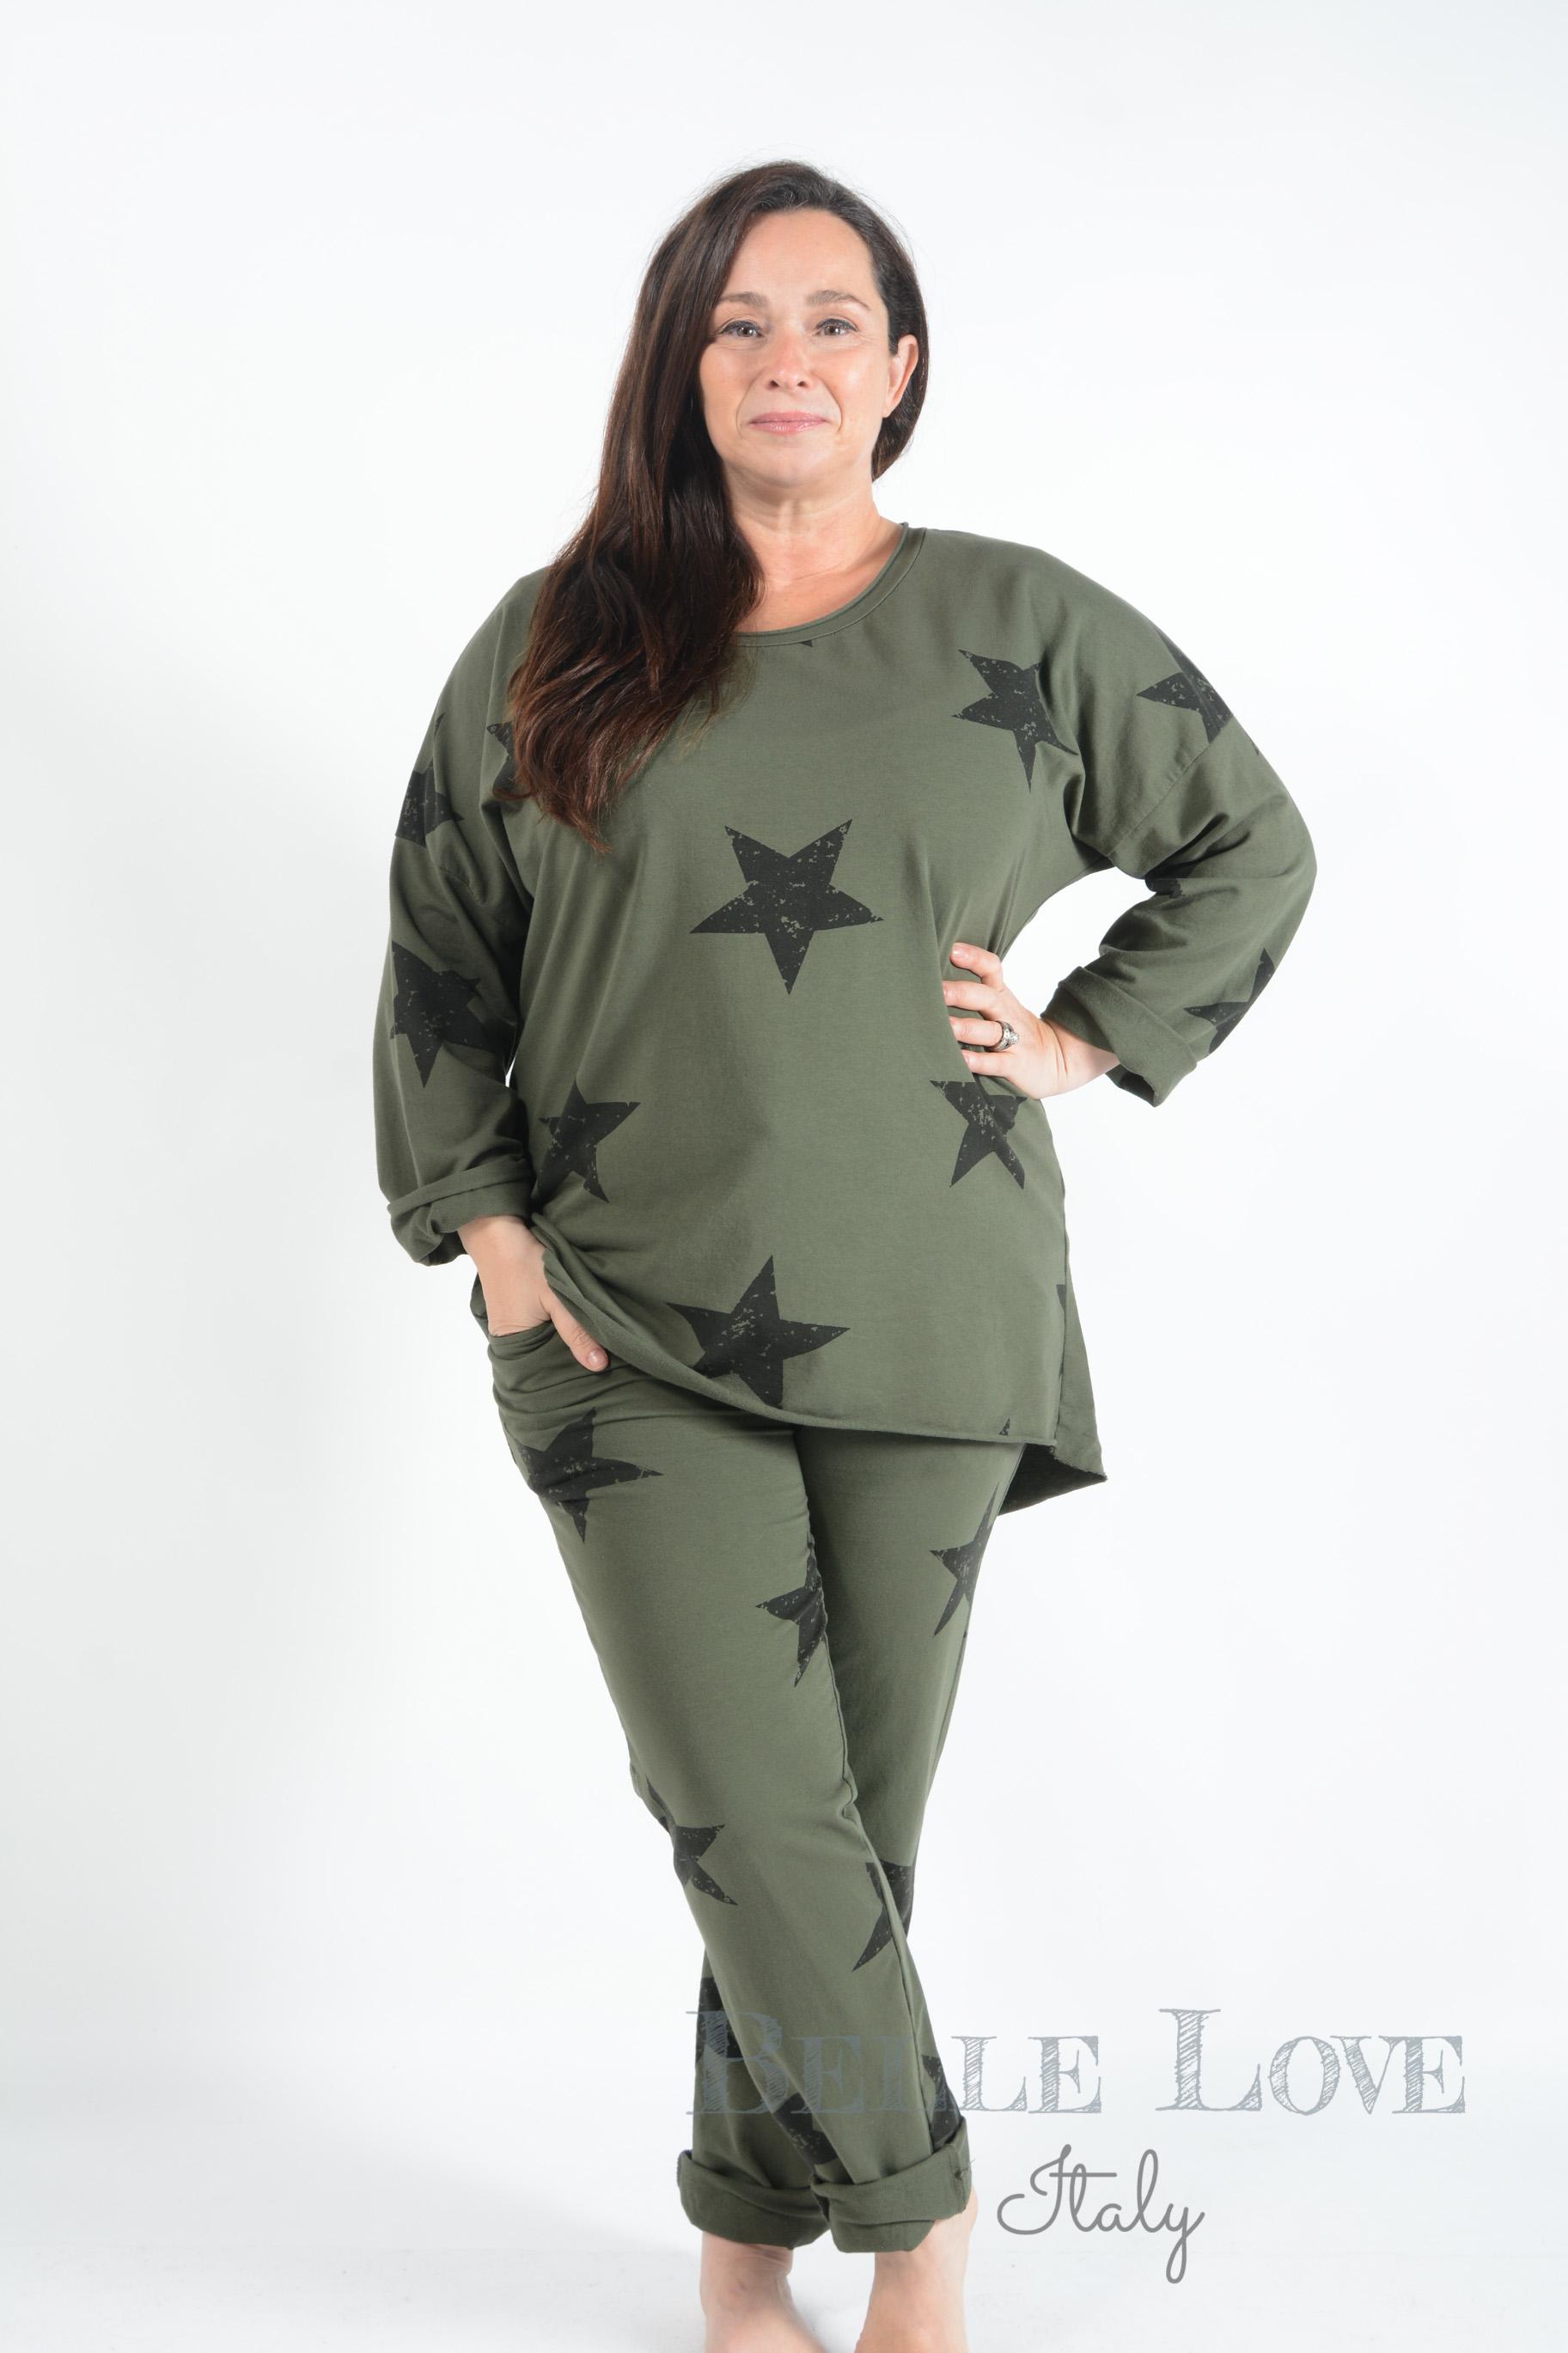 Belle Love Italy Star Loungewear Set